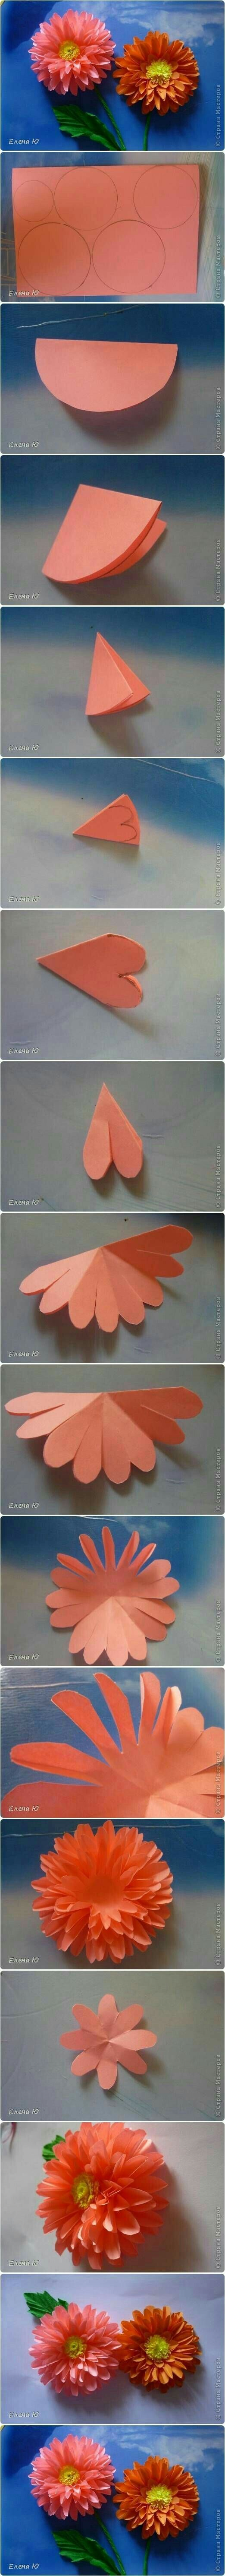 Gerber daisy paper flower